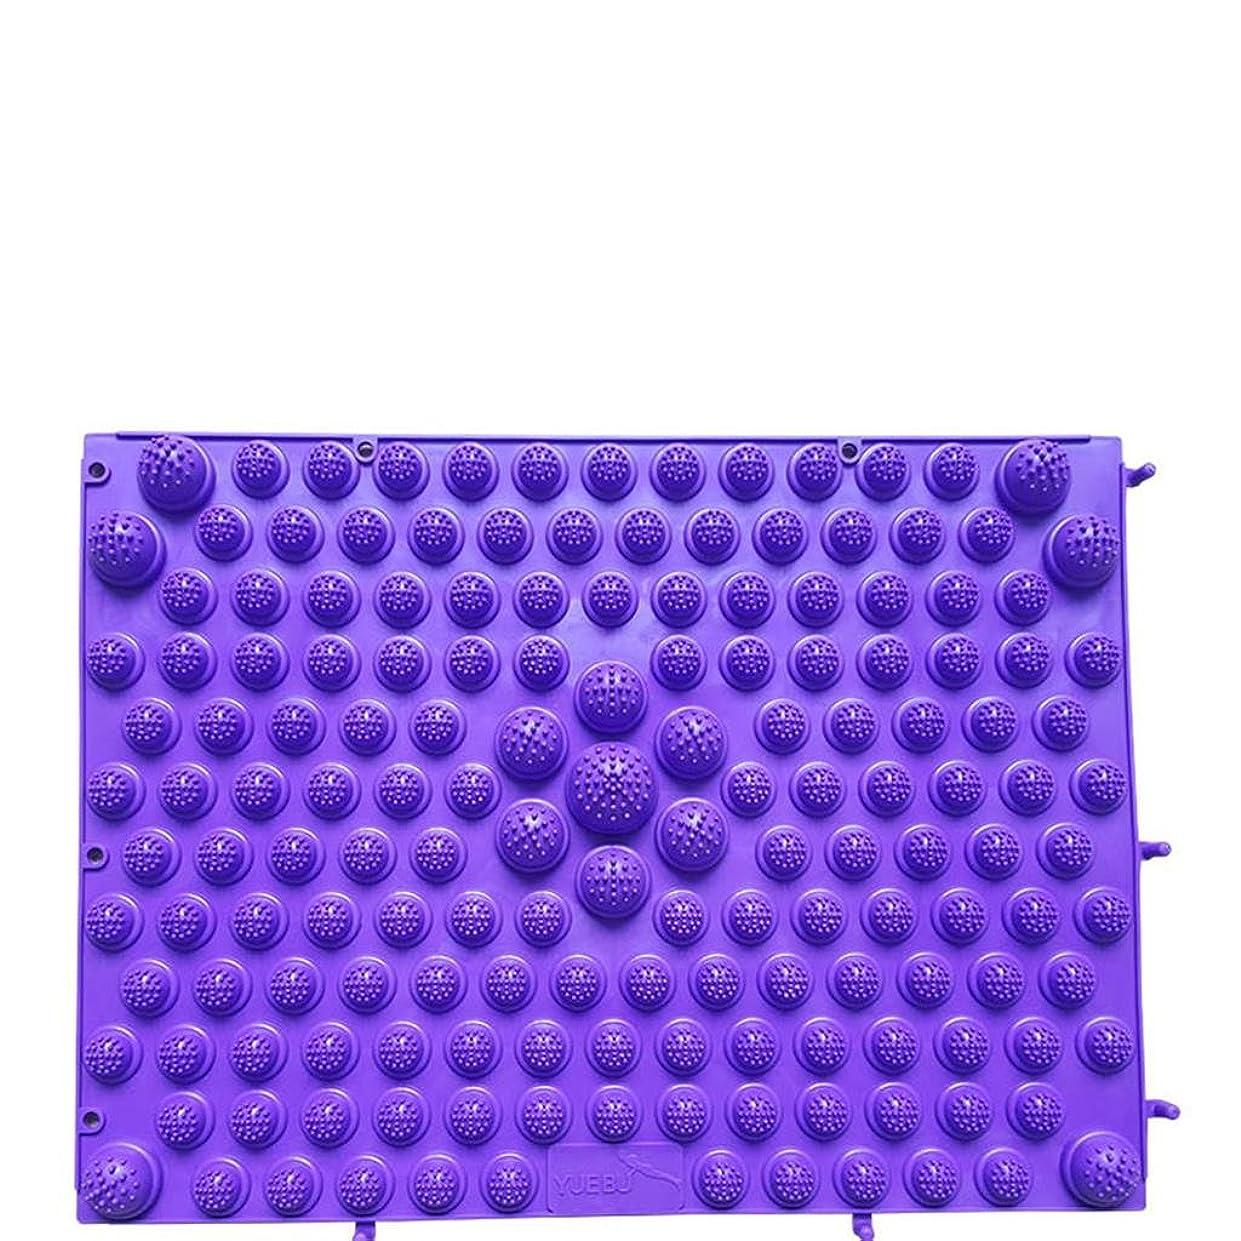 シュートただやる抹消ヨガマット 体操用マット 無味はプレートの足を指します小さい冬のタケノコ圧力指大きい極度の苦痛のマッサージパッドの出版物のつま先 体操マット (Color : Purple)